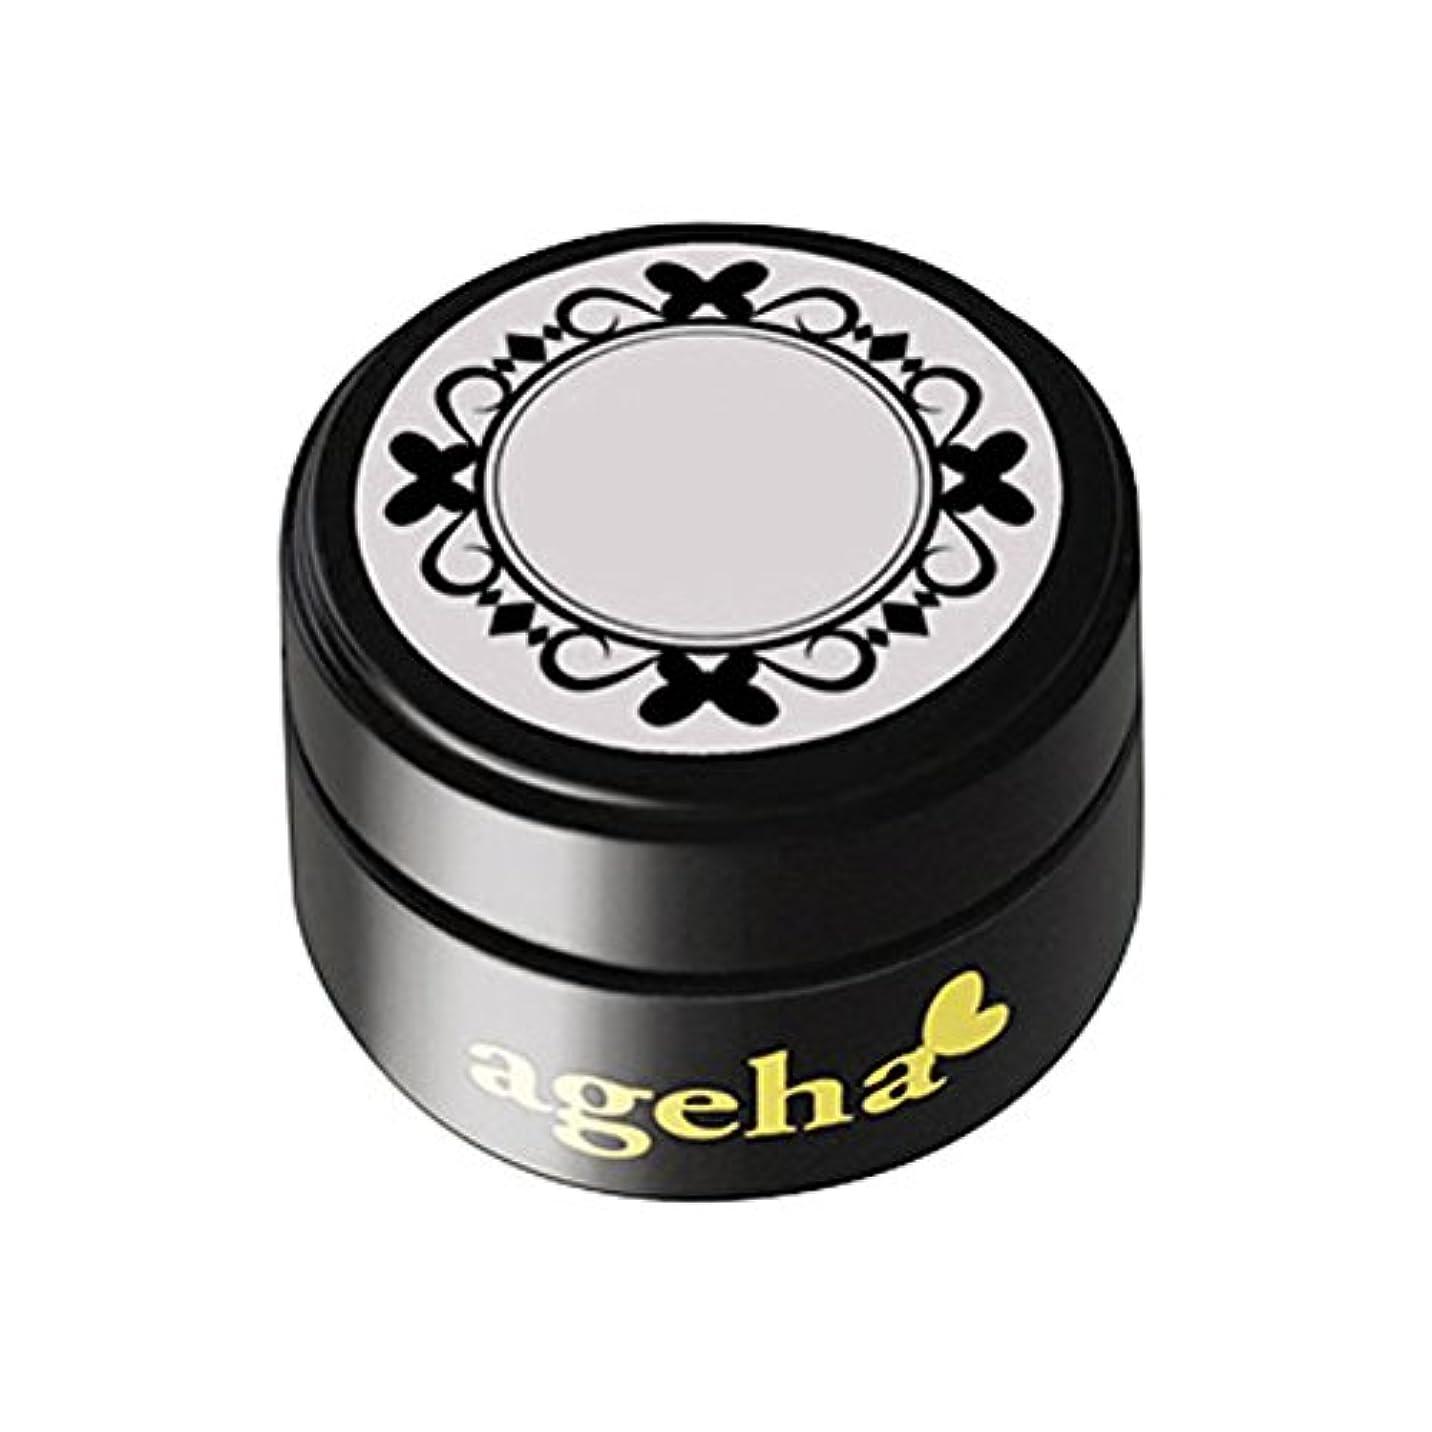 周り軽くさらにageha gel カラージェル コスメカラー 218 キャンディーハート 2.7g UV/LED対応